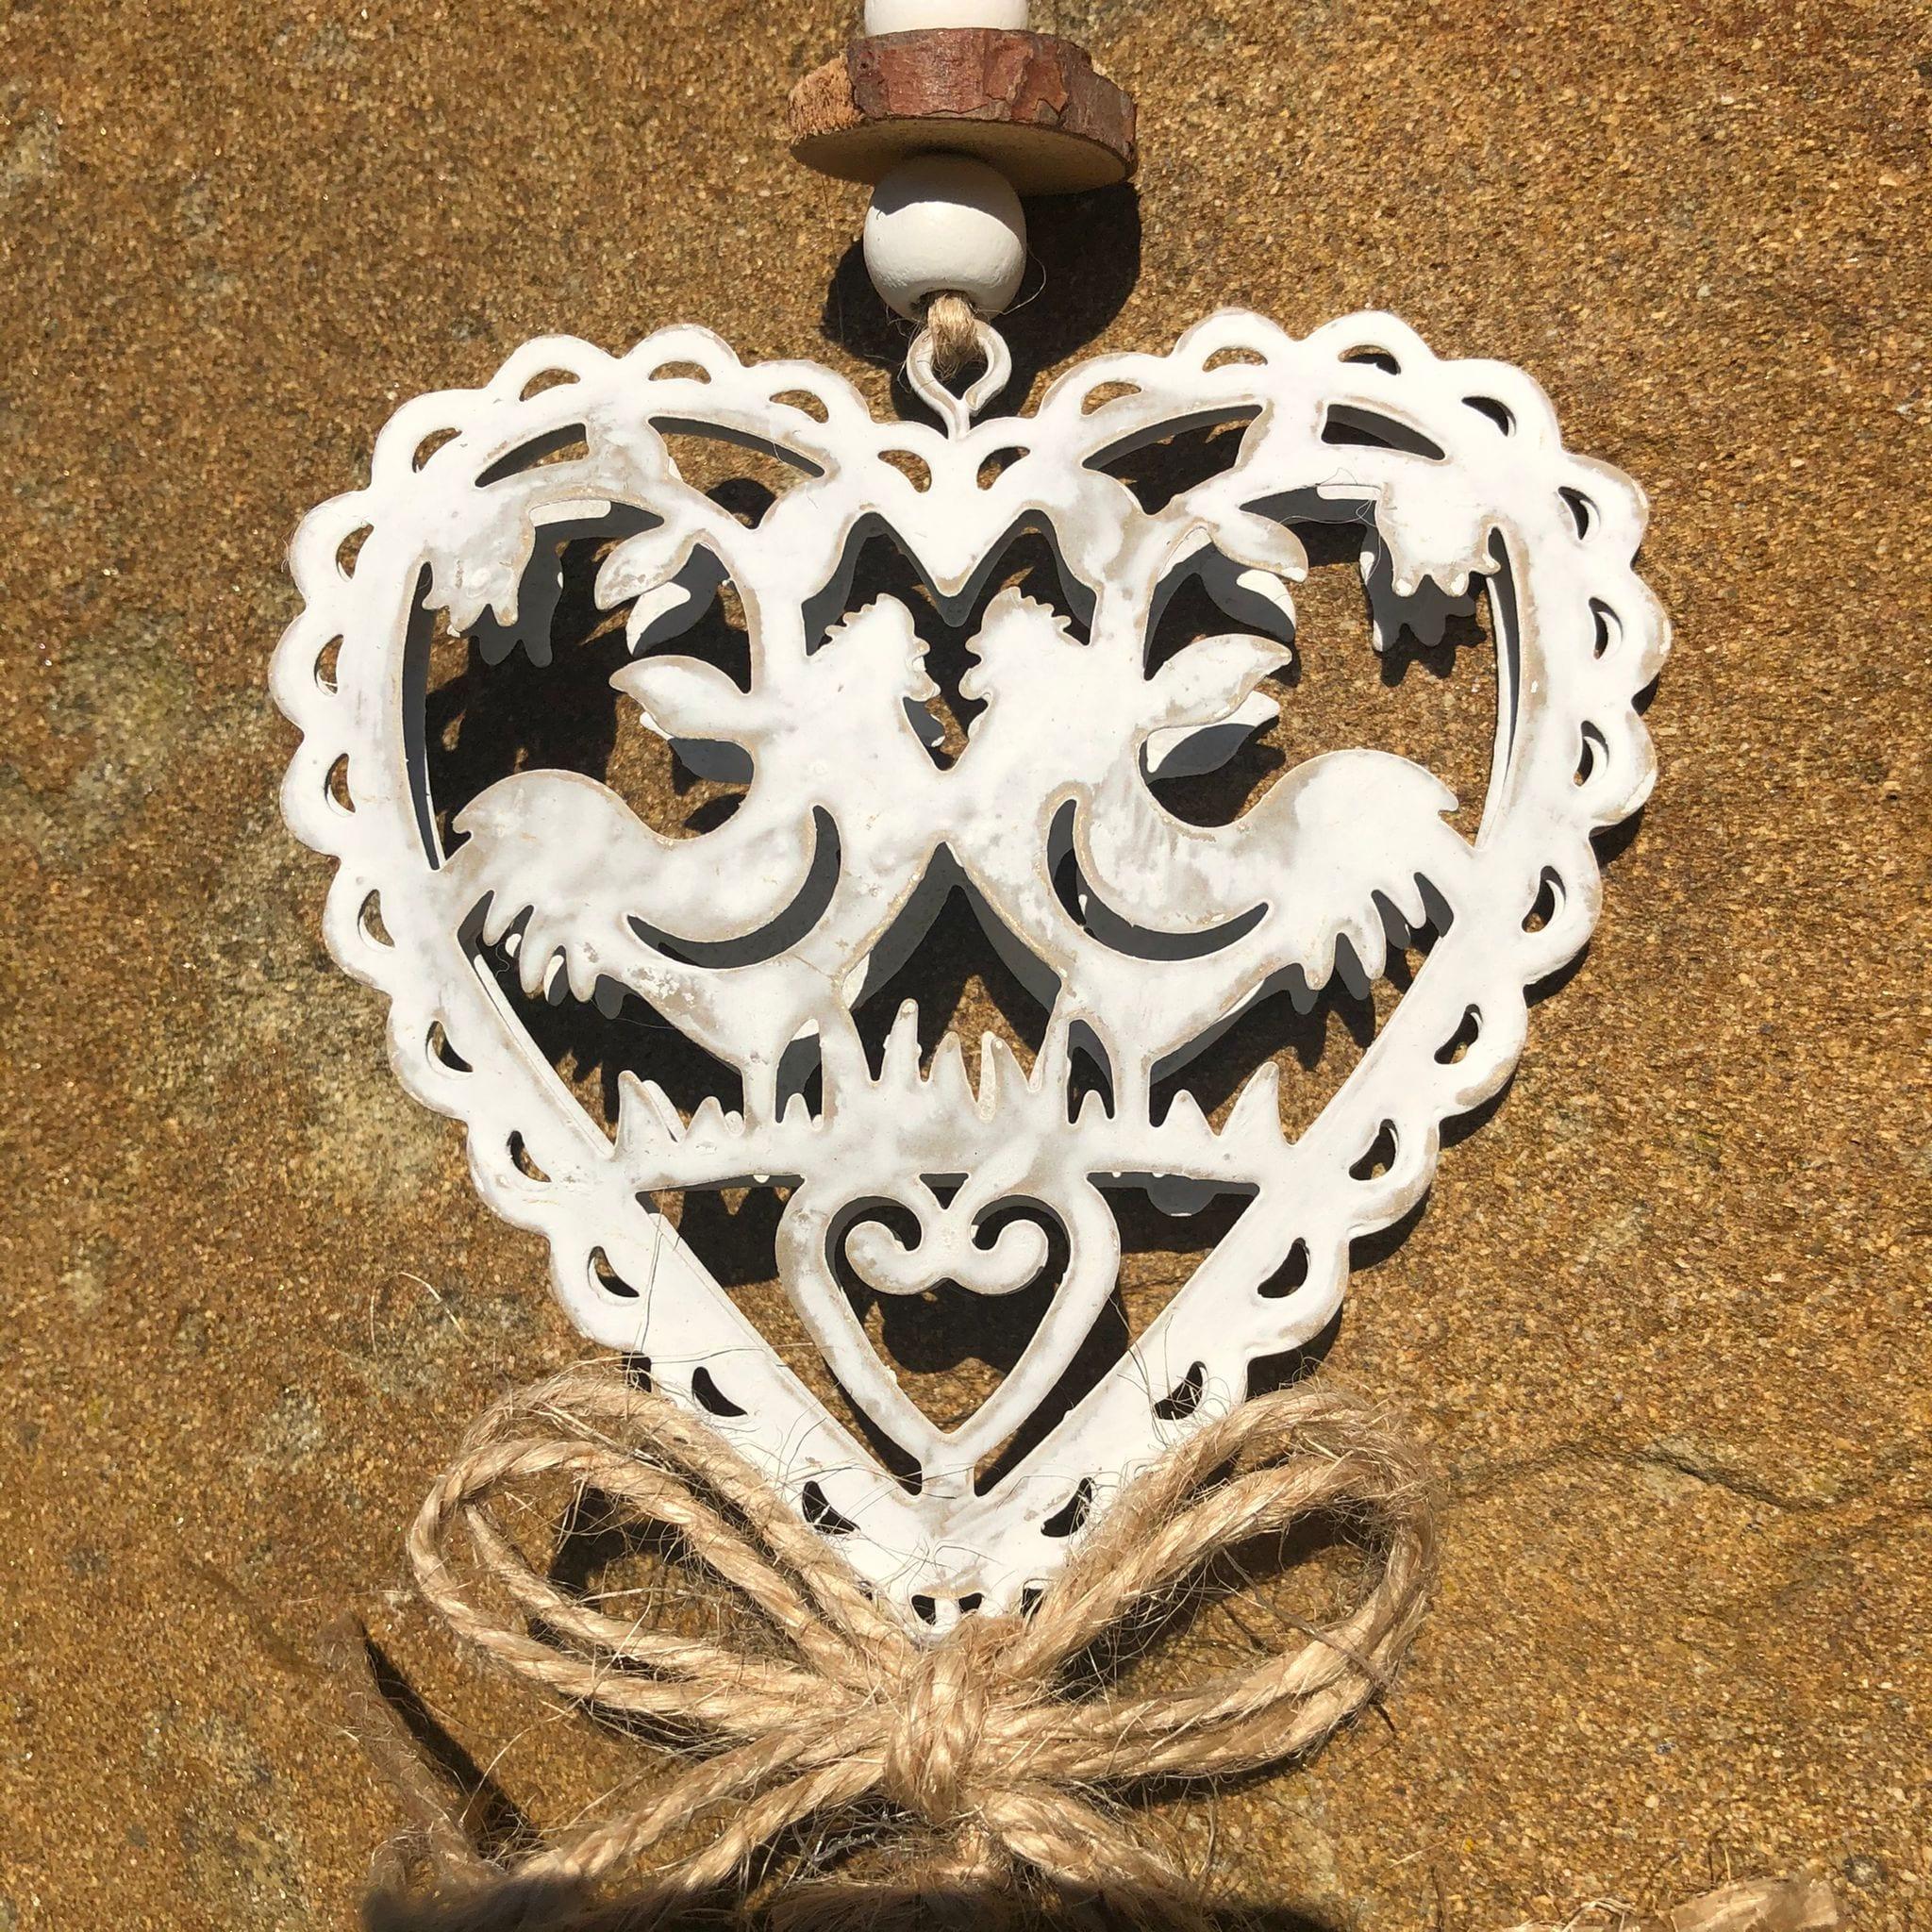 Decorazione a forma di cuore in metallo con galline